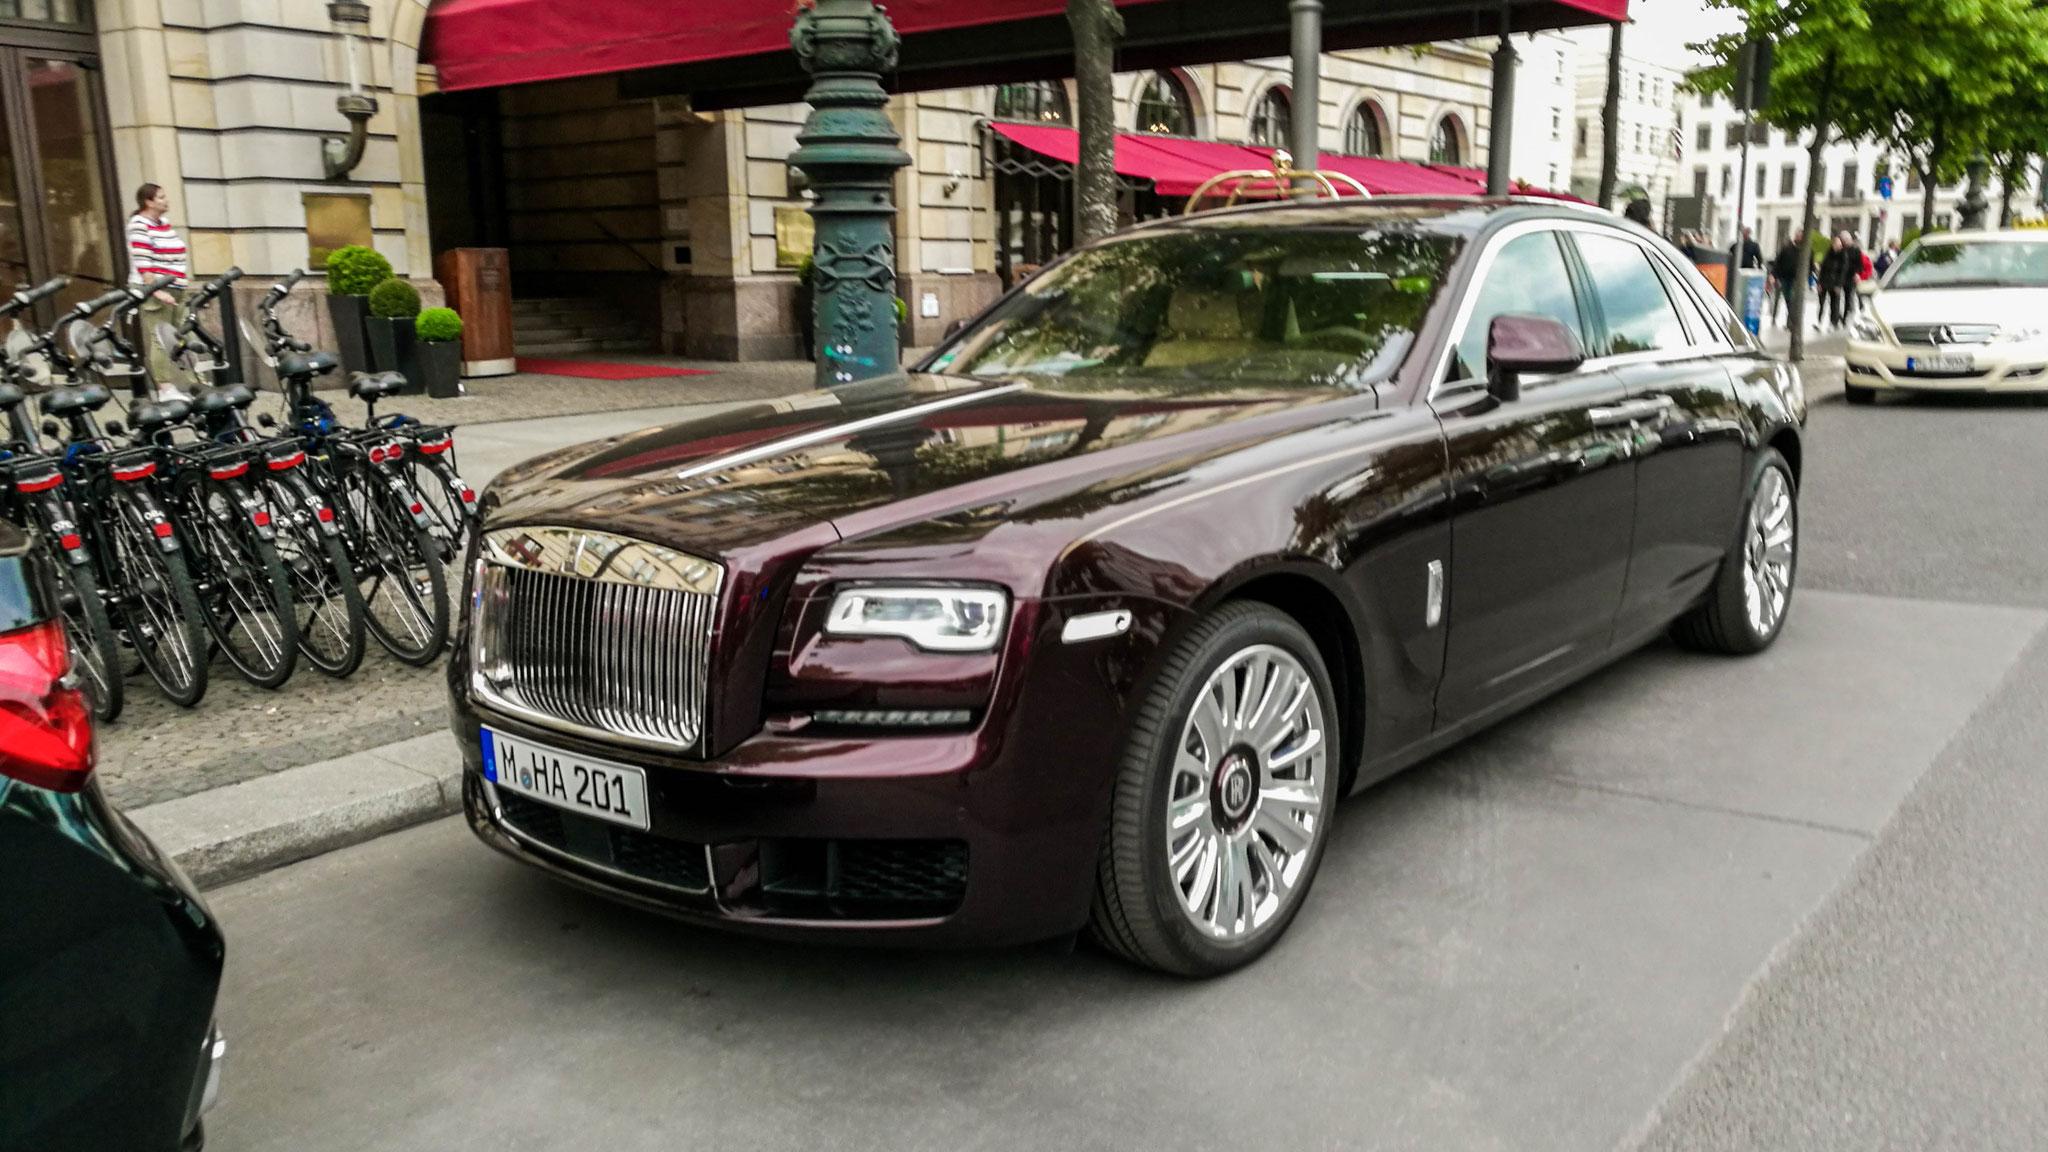 Rolls Royce Ghost -M-HA-201